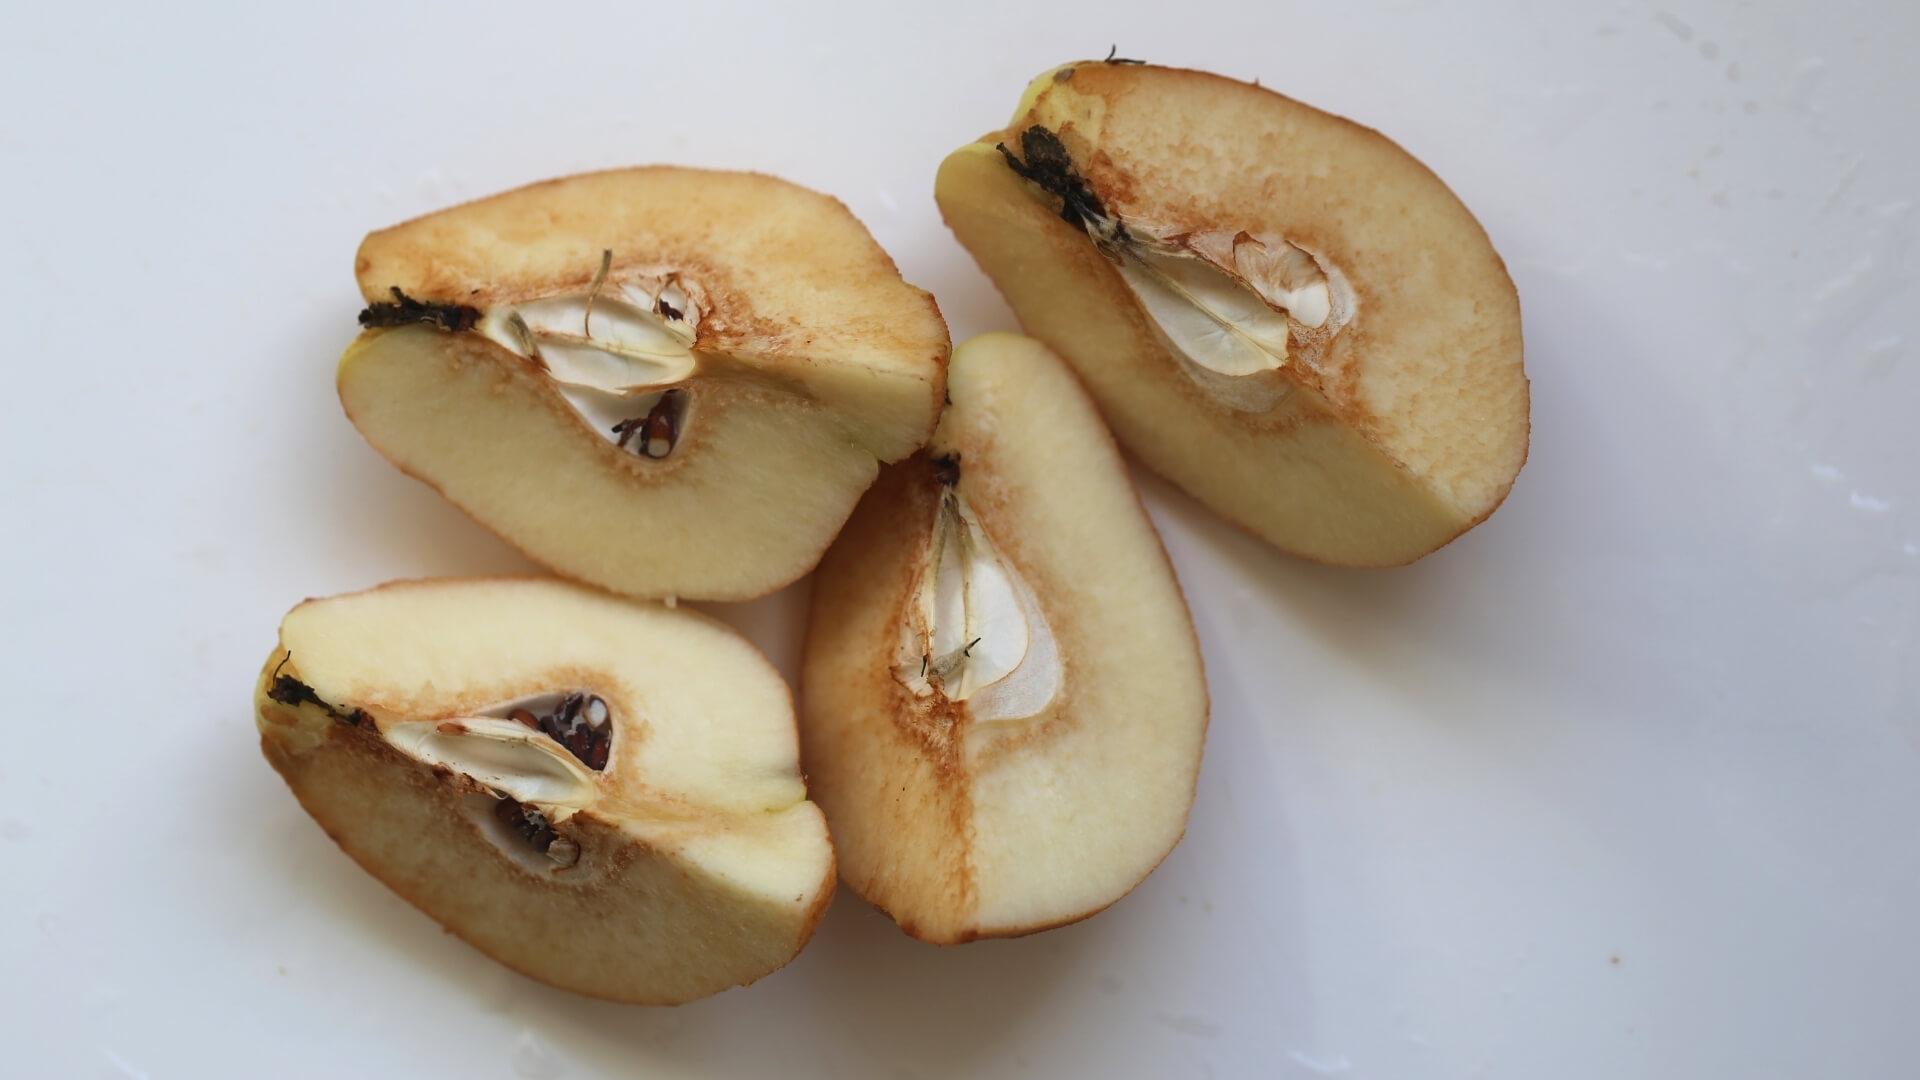 ossidazione della frutta: mele e pere ossidate, nere